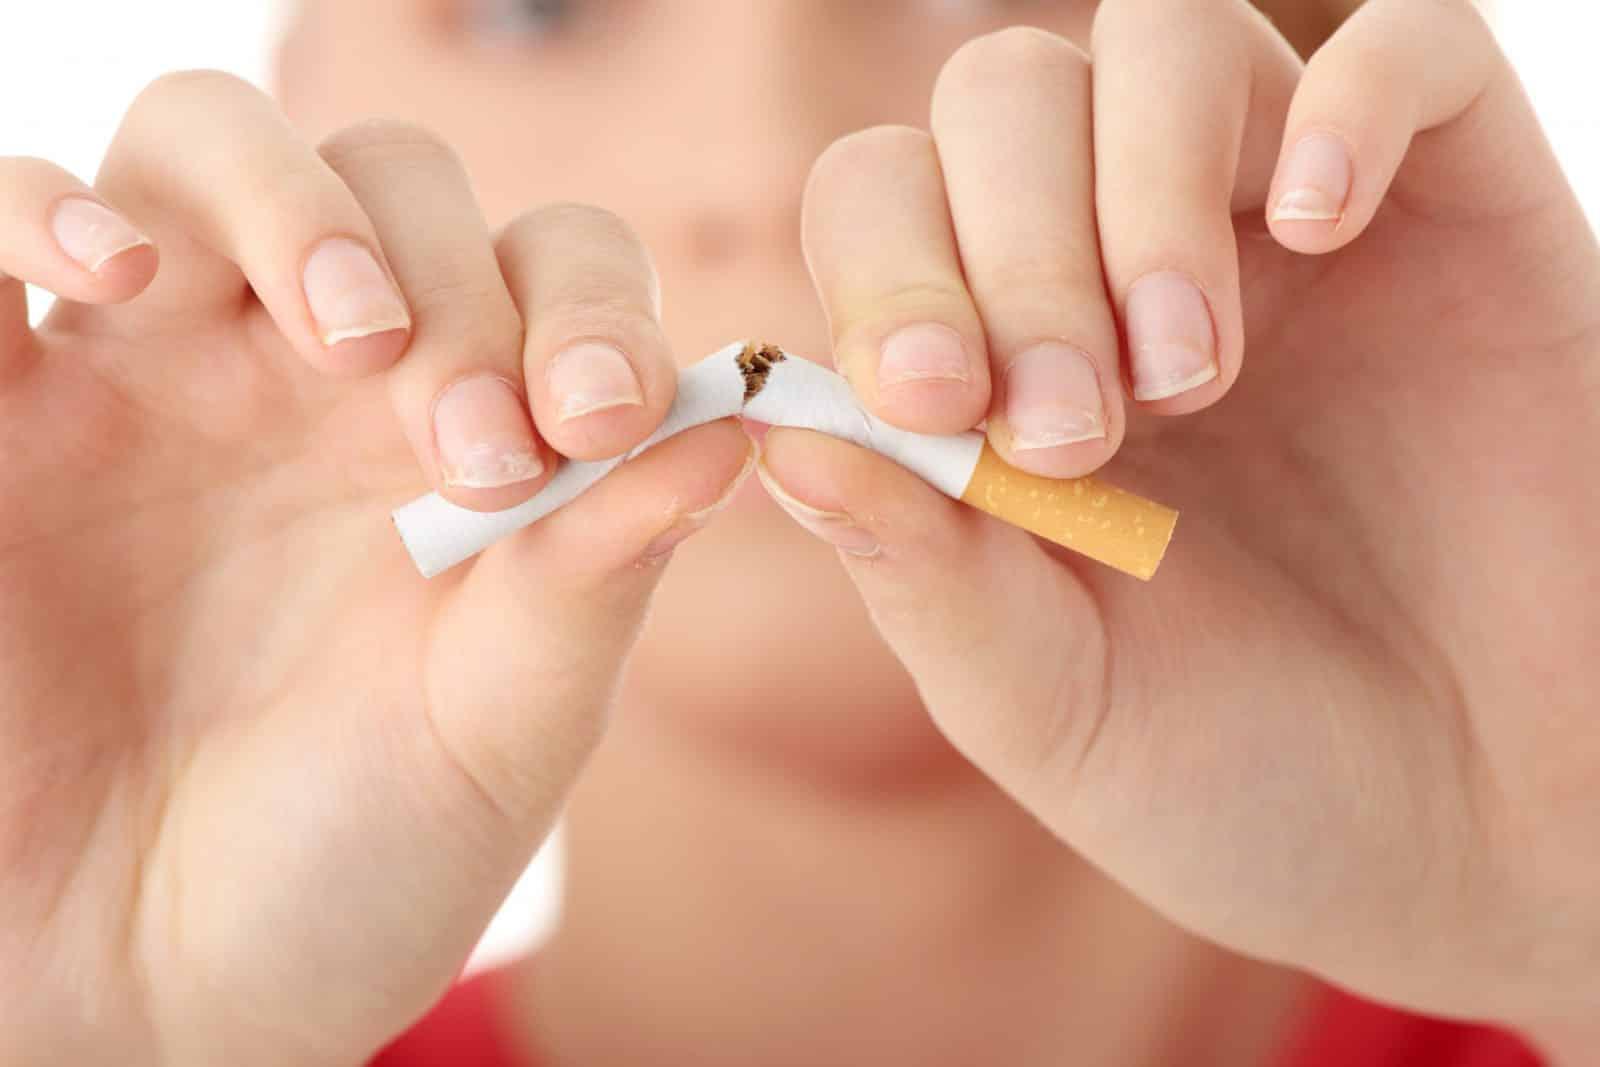 Mãos quebrando um cigarro ao meio.